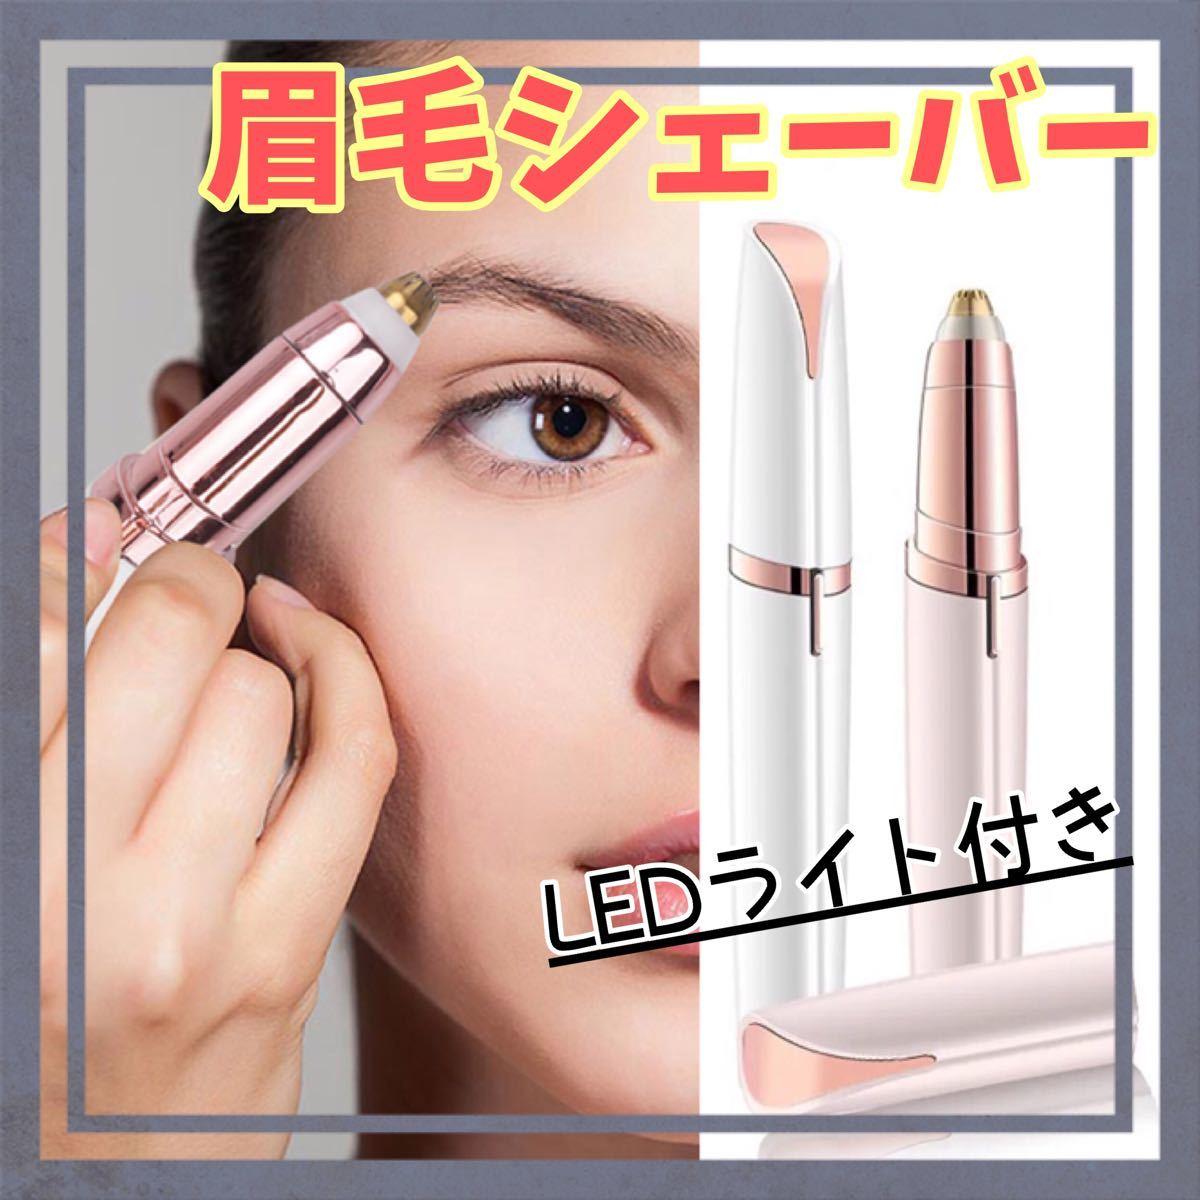 シェーバー 眉毛 乾電池式 顔そり 美容 ビューティー 手洗い LED ライト コンパクト まゆげ 新品 未使用 フェイス